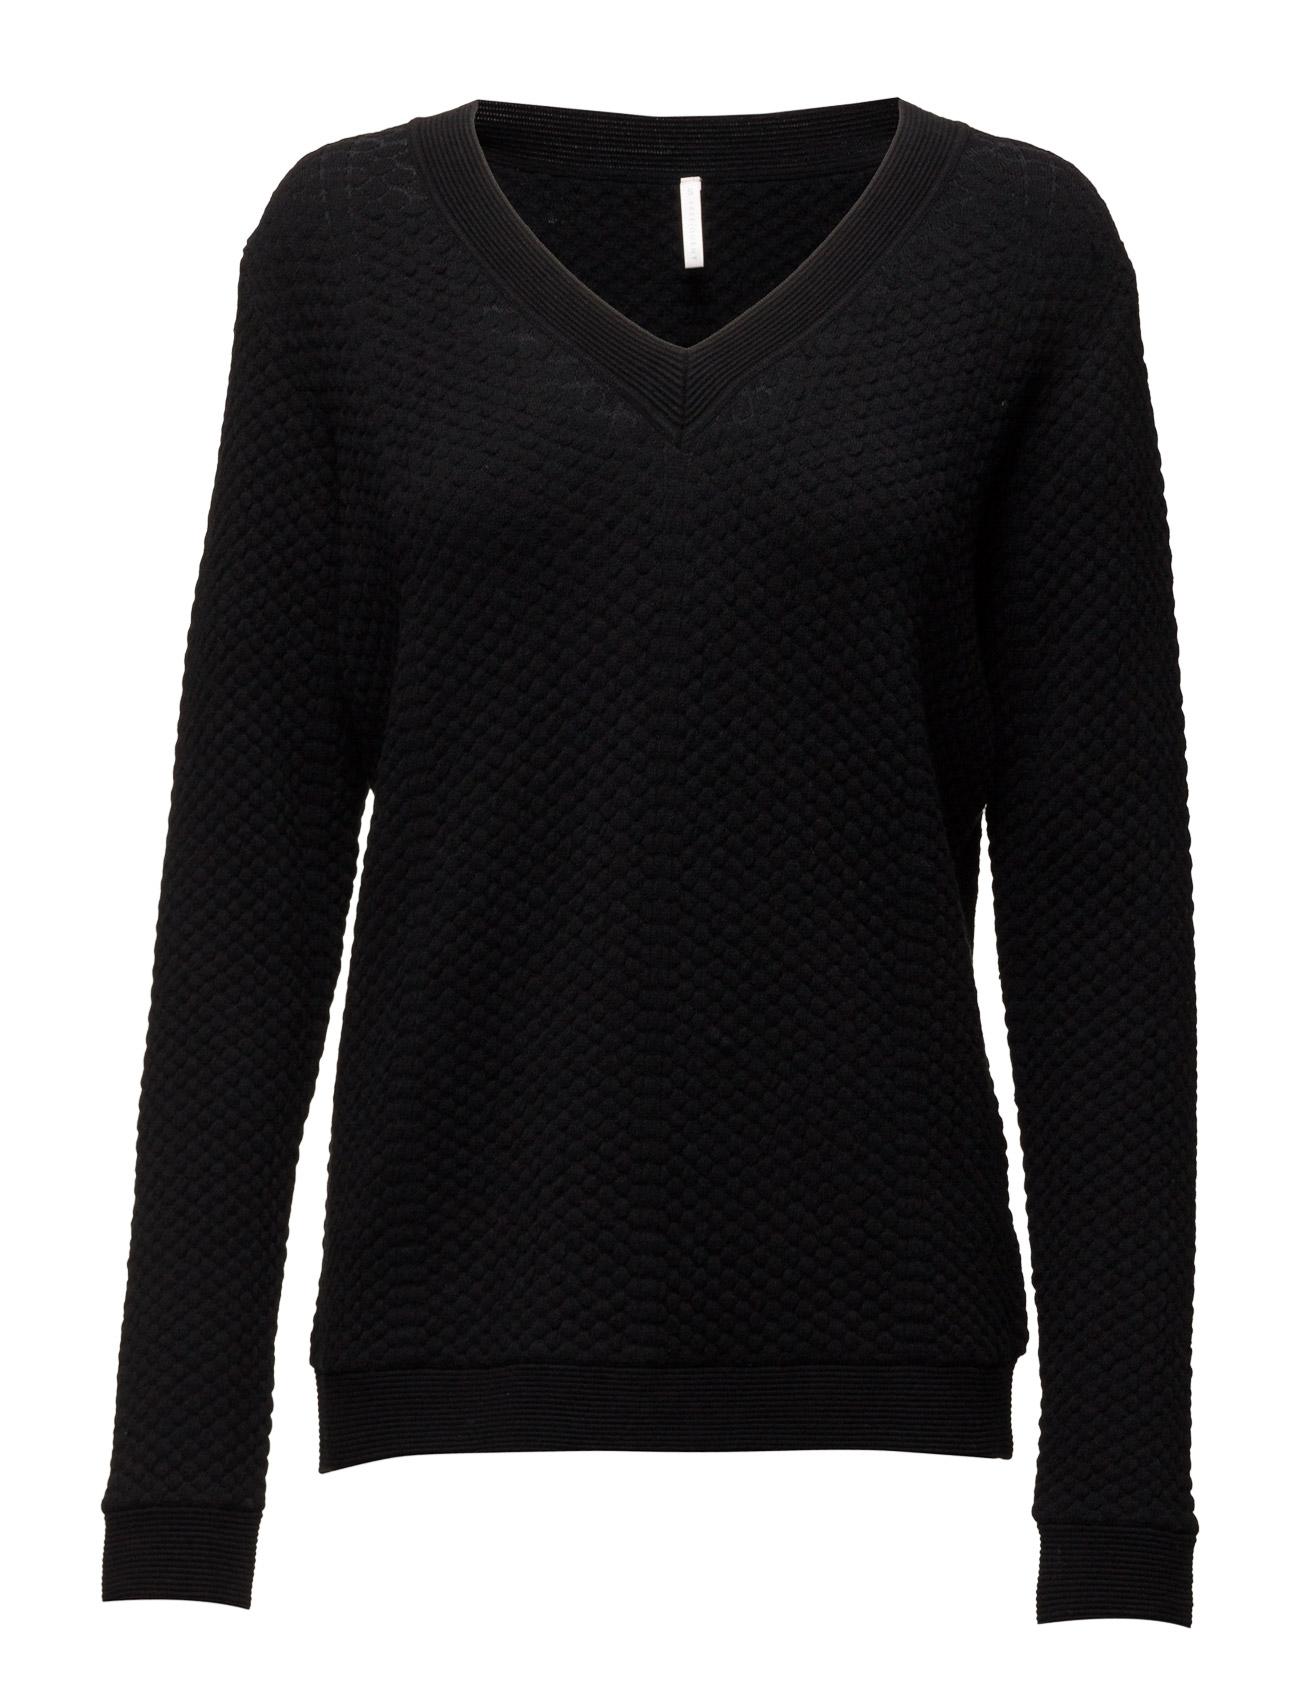 Dollo-Pu FREE|QUENT Sweatshirts til Kvinder i Sort